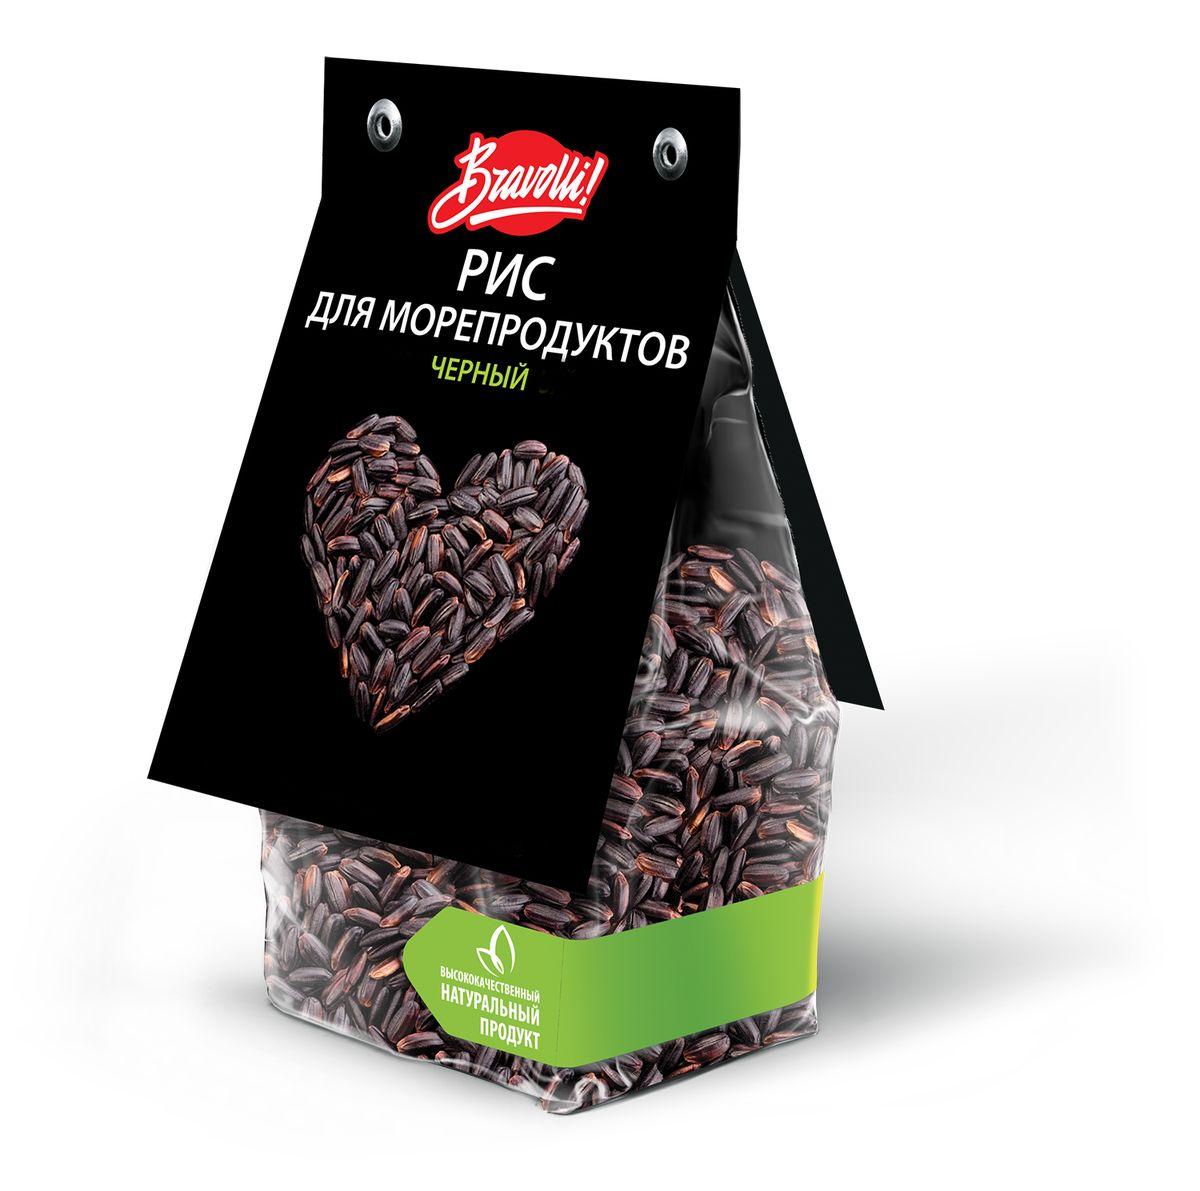 Bravolli Рис для морепродуктов черный, 350 г rosenfellner muhle органический рис басмати 500 г